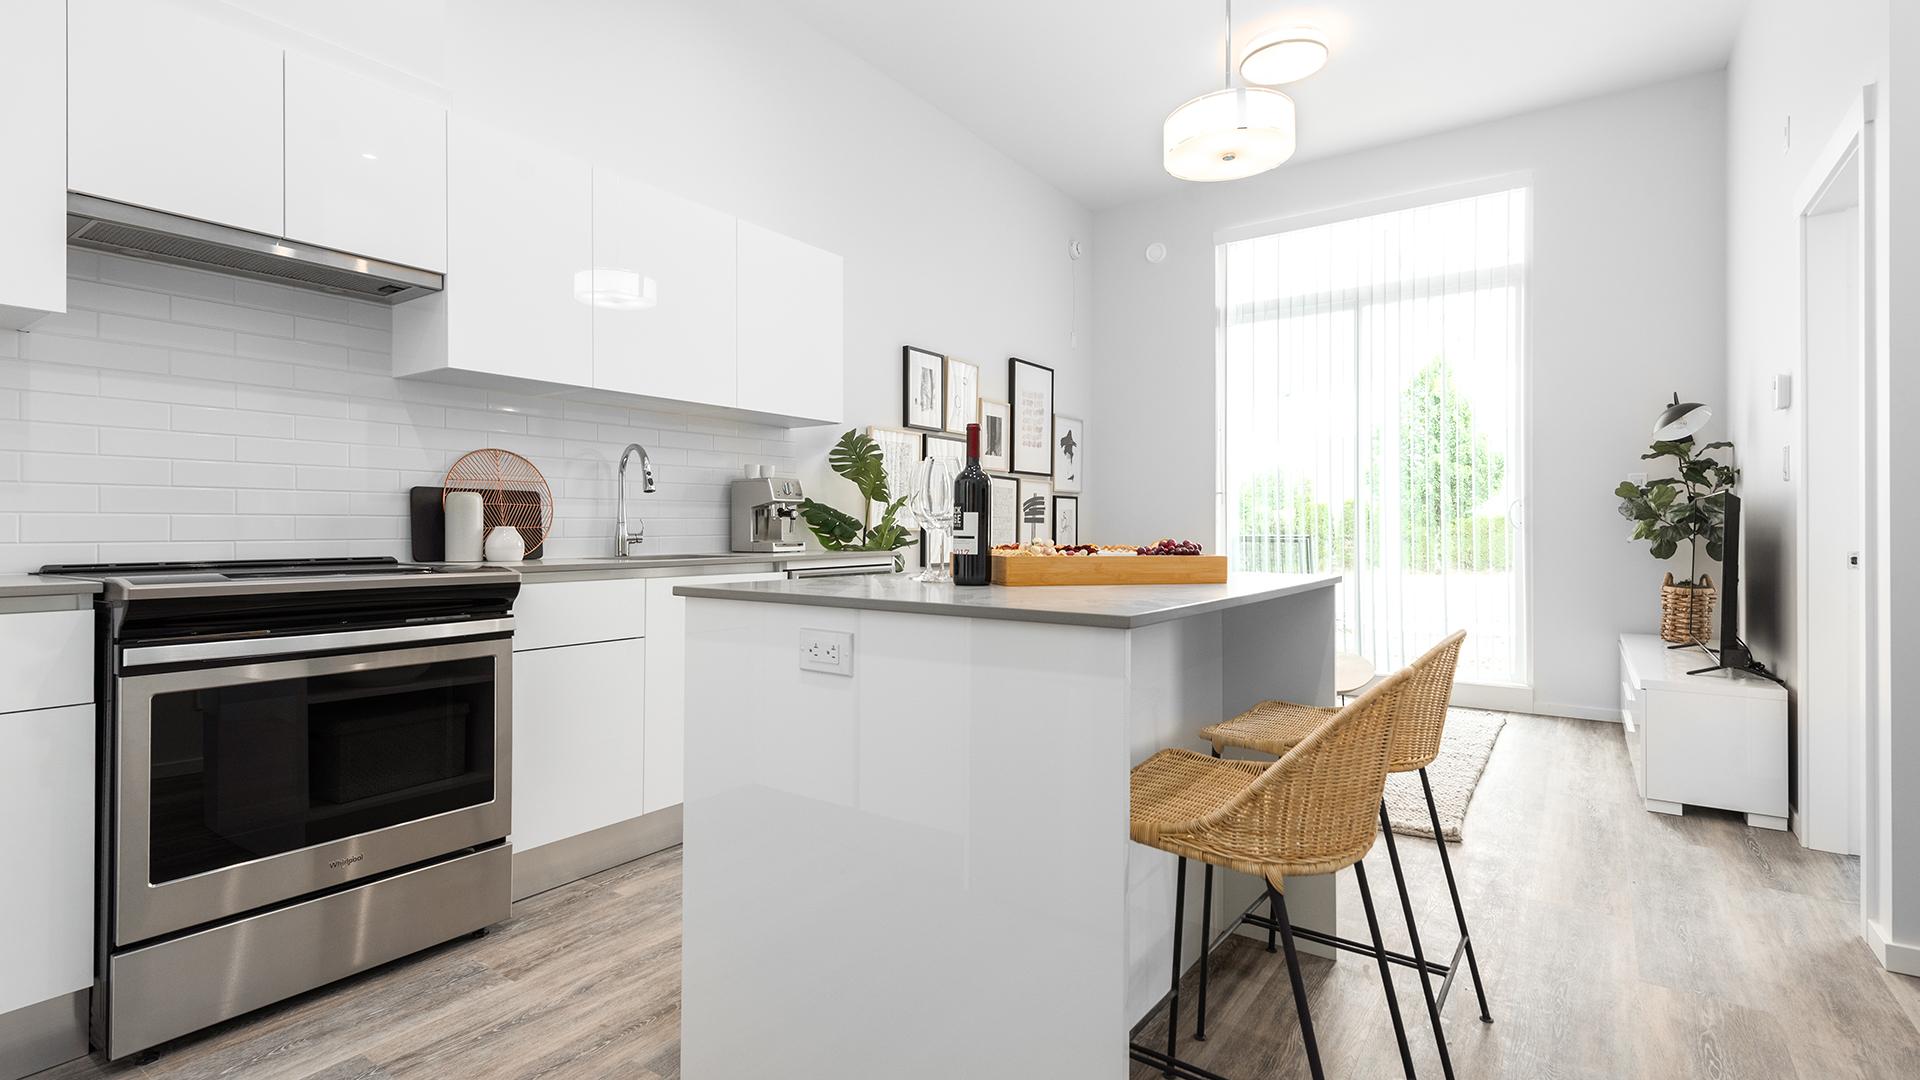 The_Rex_Interior_Kitchen_Home_1920x1080